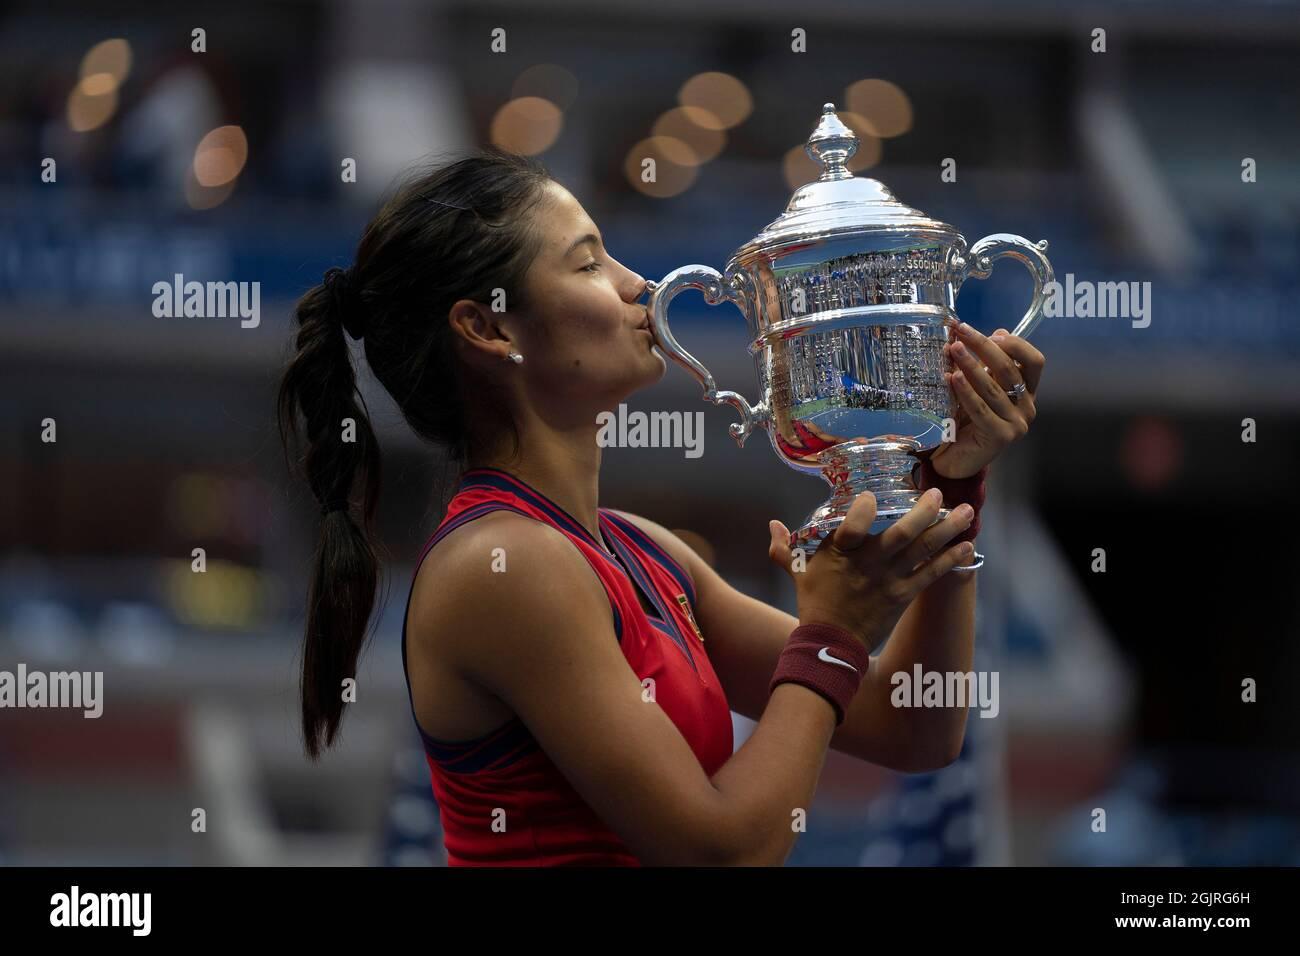 New York, USA, 11. September 2021 Emma Raducanu (GBR) feiert den Sieg im Einzel-Finale der Frauen gegen Leylah Fernandez (CAN) und posiert mit der Trophäe am 13. Tag beim US Open 2021 Credit: Susan Mullane Credit: Susan Mullane/Alamy Live News Stockfoto